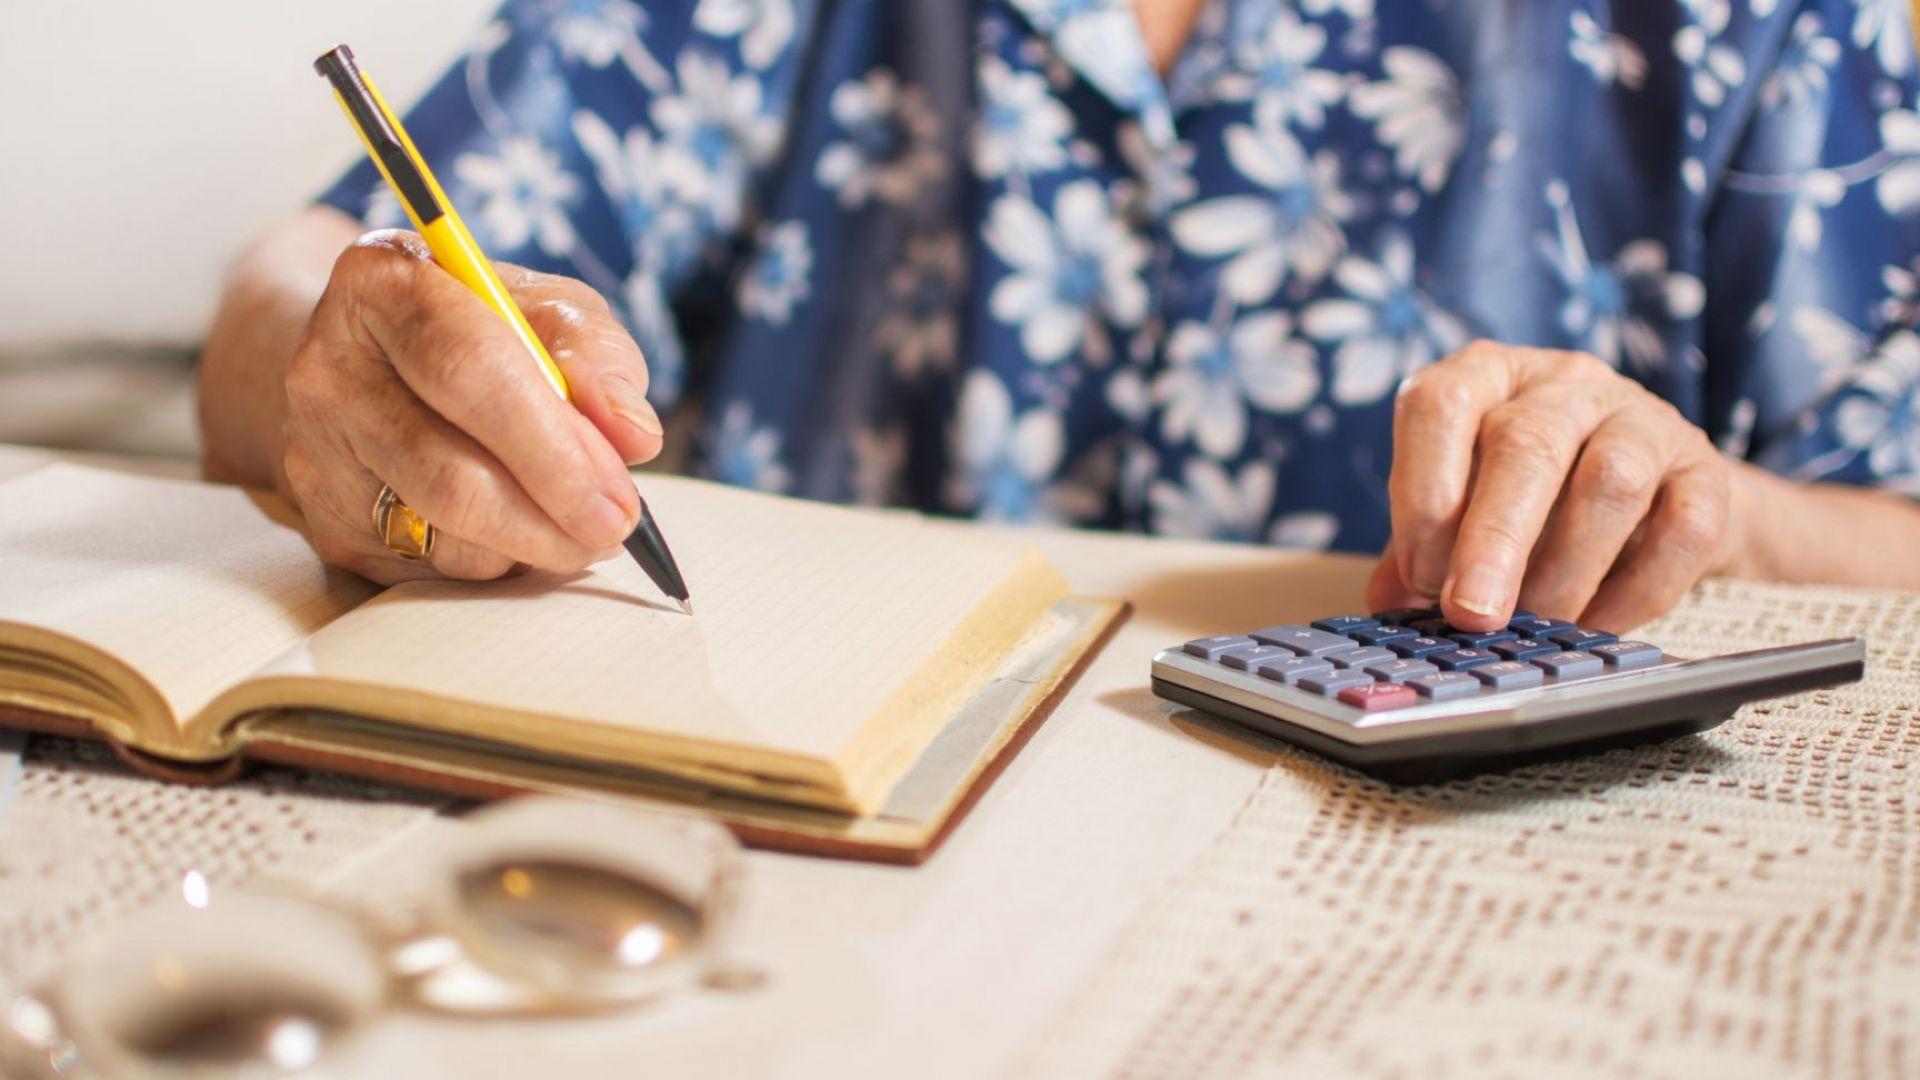 През 2020 г.: Почти три пъти по-малко работещи пенсионери са поискали преизчисление на пенсиите им